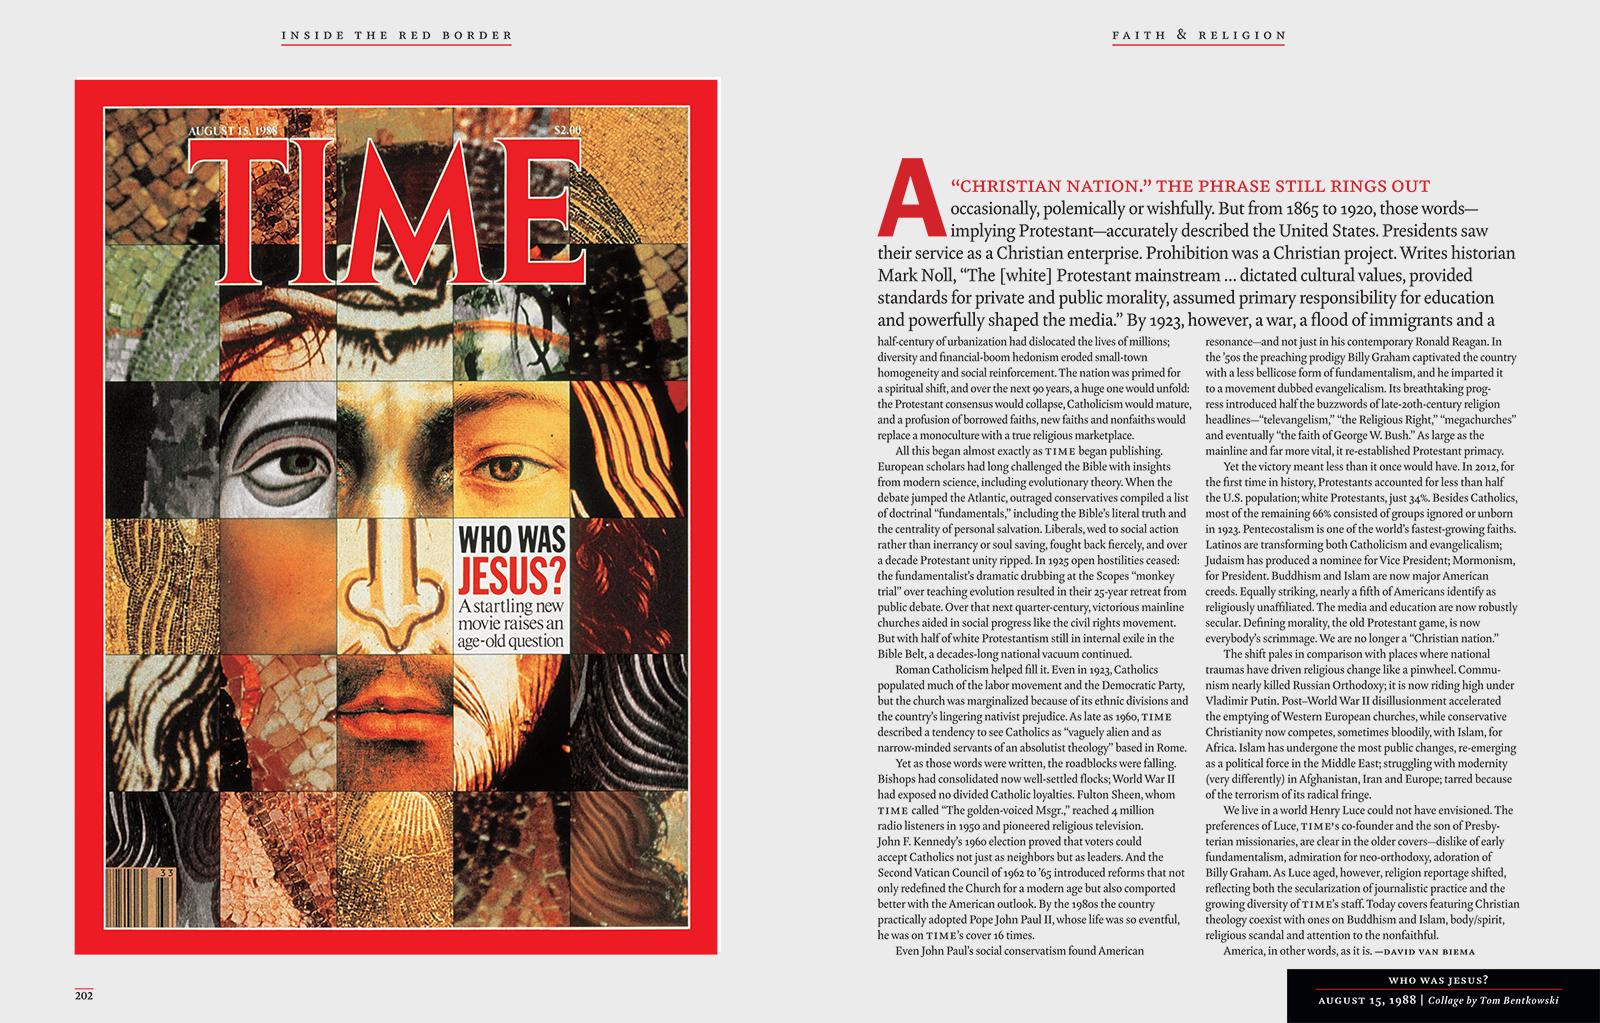 TIME_BK_INSIDE-THE-RED-BORDER_faith_spr2.jpg